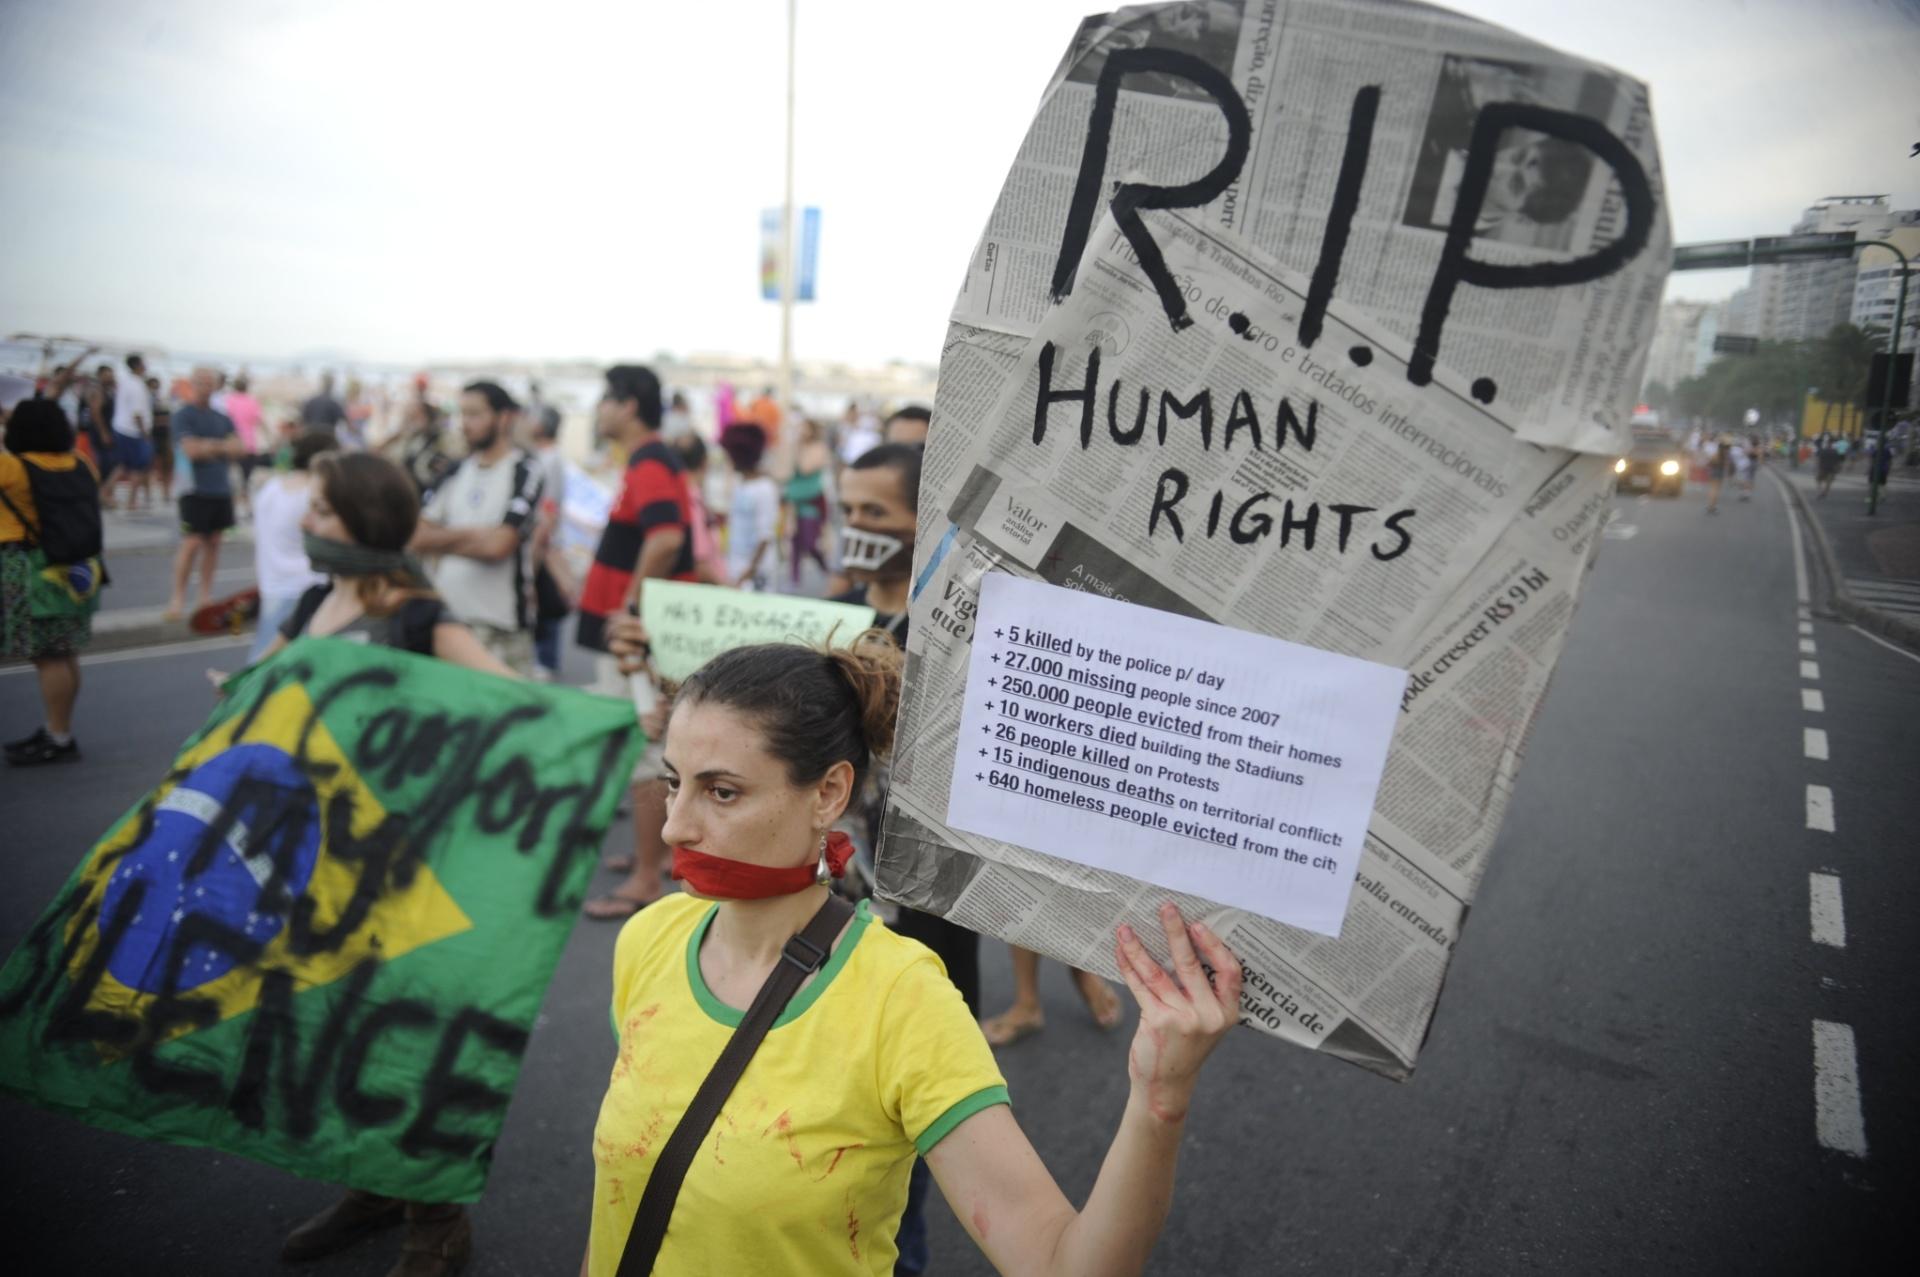 29.jun.2014 - Caminhada silenciosa protesta pelo direito à livre manifestação e contra a violação de direitos humanos nas favelas, na orla de Copacabana, na zona sul do Rio de Janeiro, neste domingo